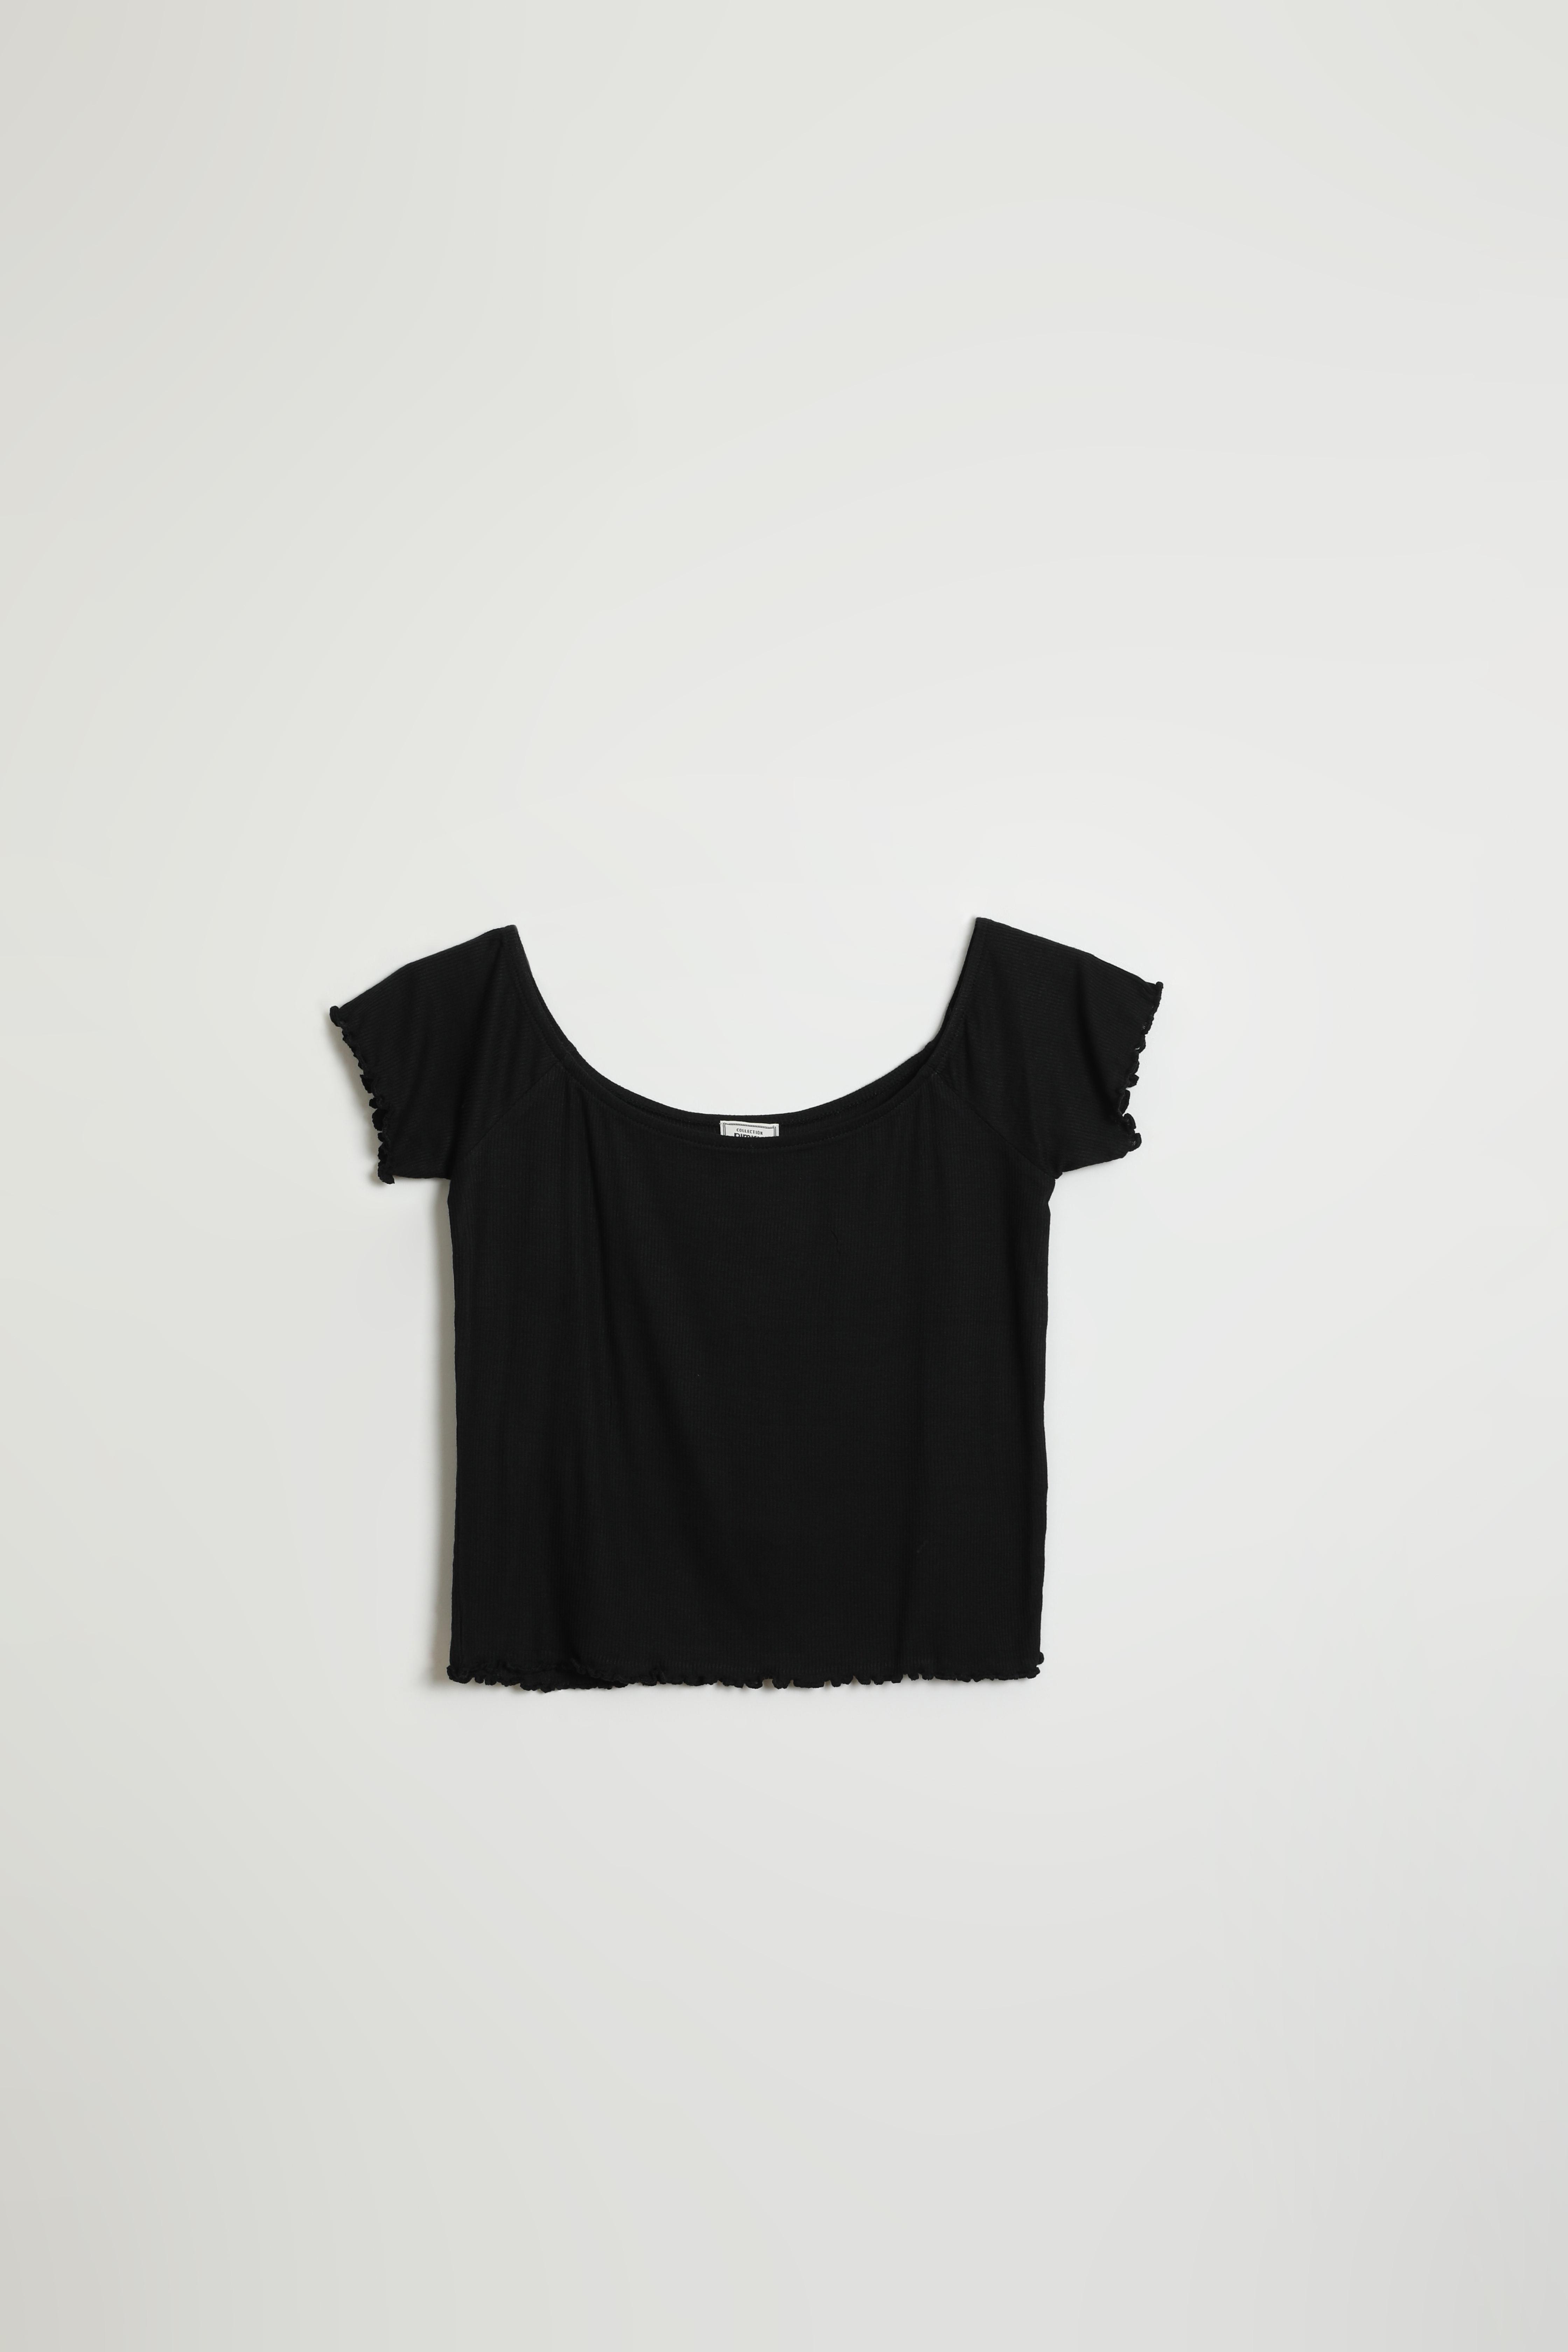 T-shirt roulotté et côtelé noir - Pimkie